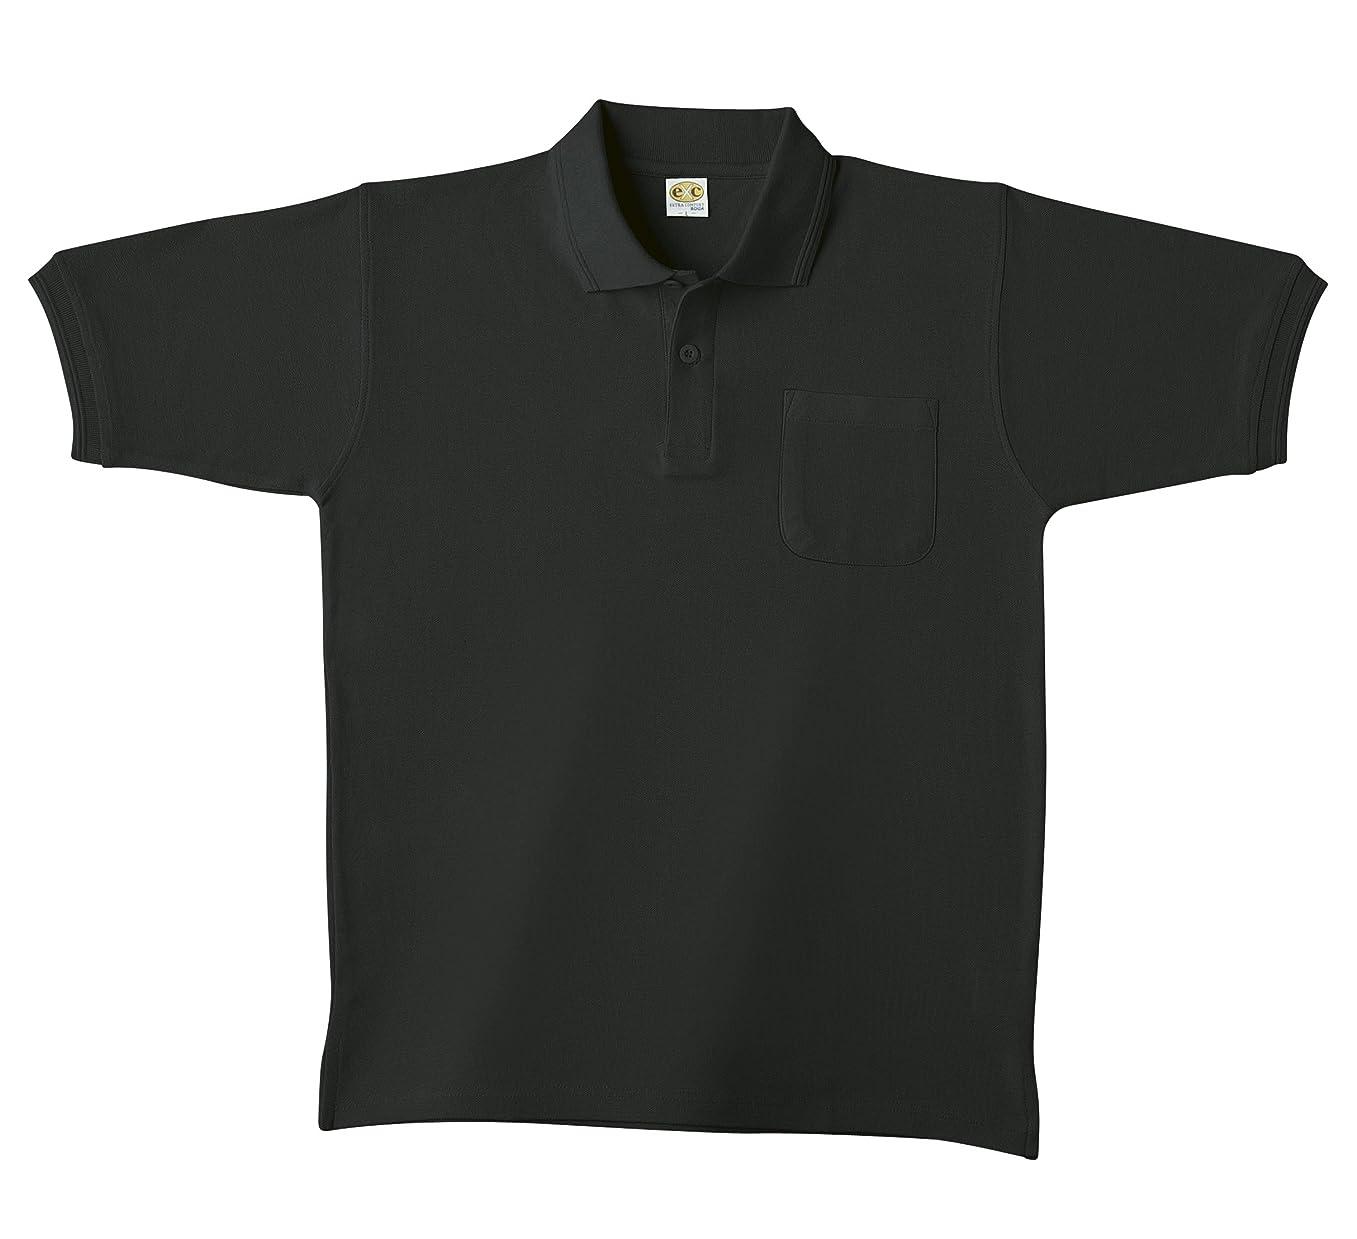 メンタル詩人水差しSOWA(ソーワ) 半袖ポロシャツ ブラック Mサイズ 0097